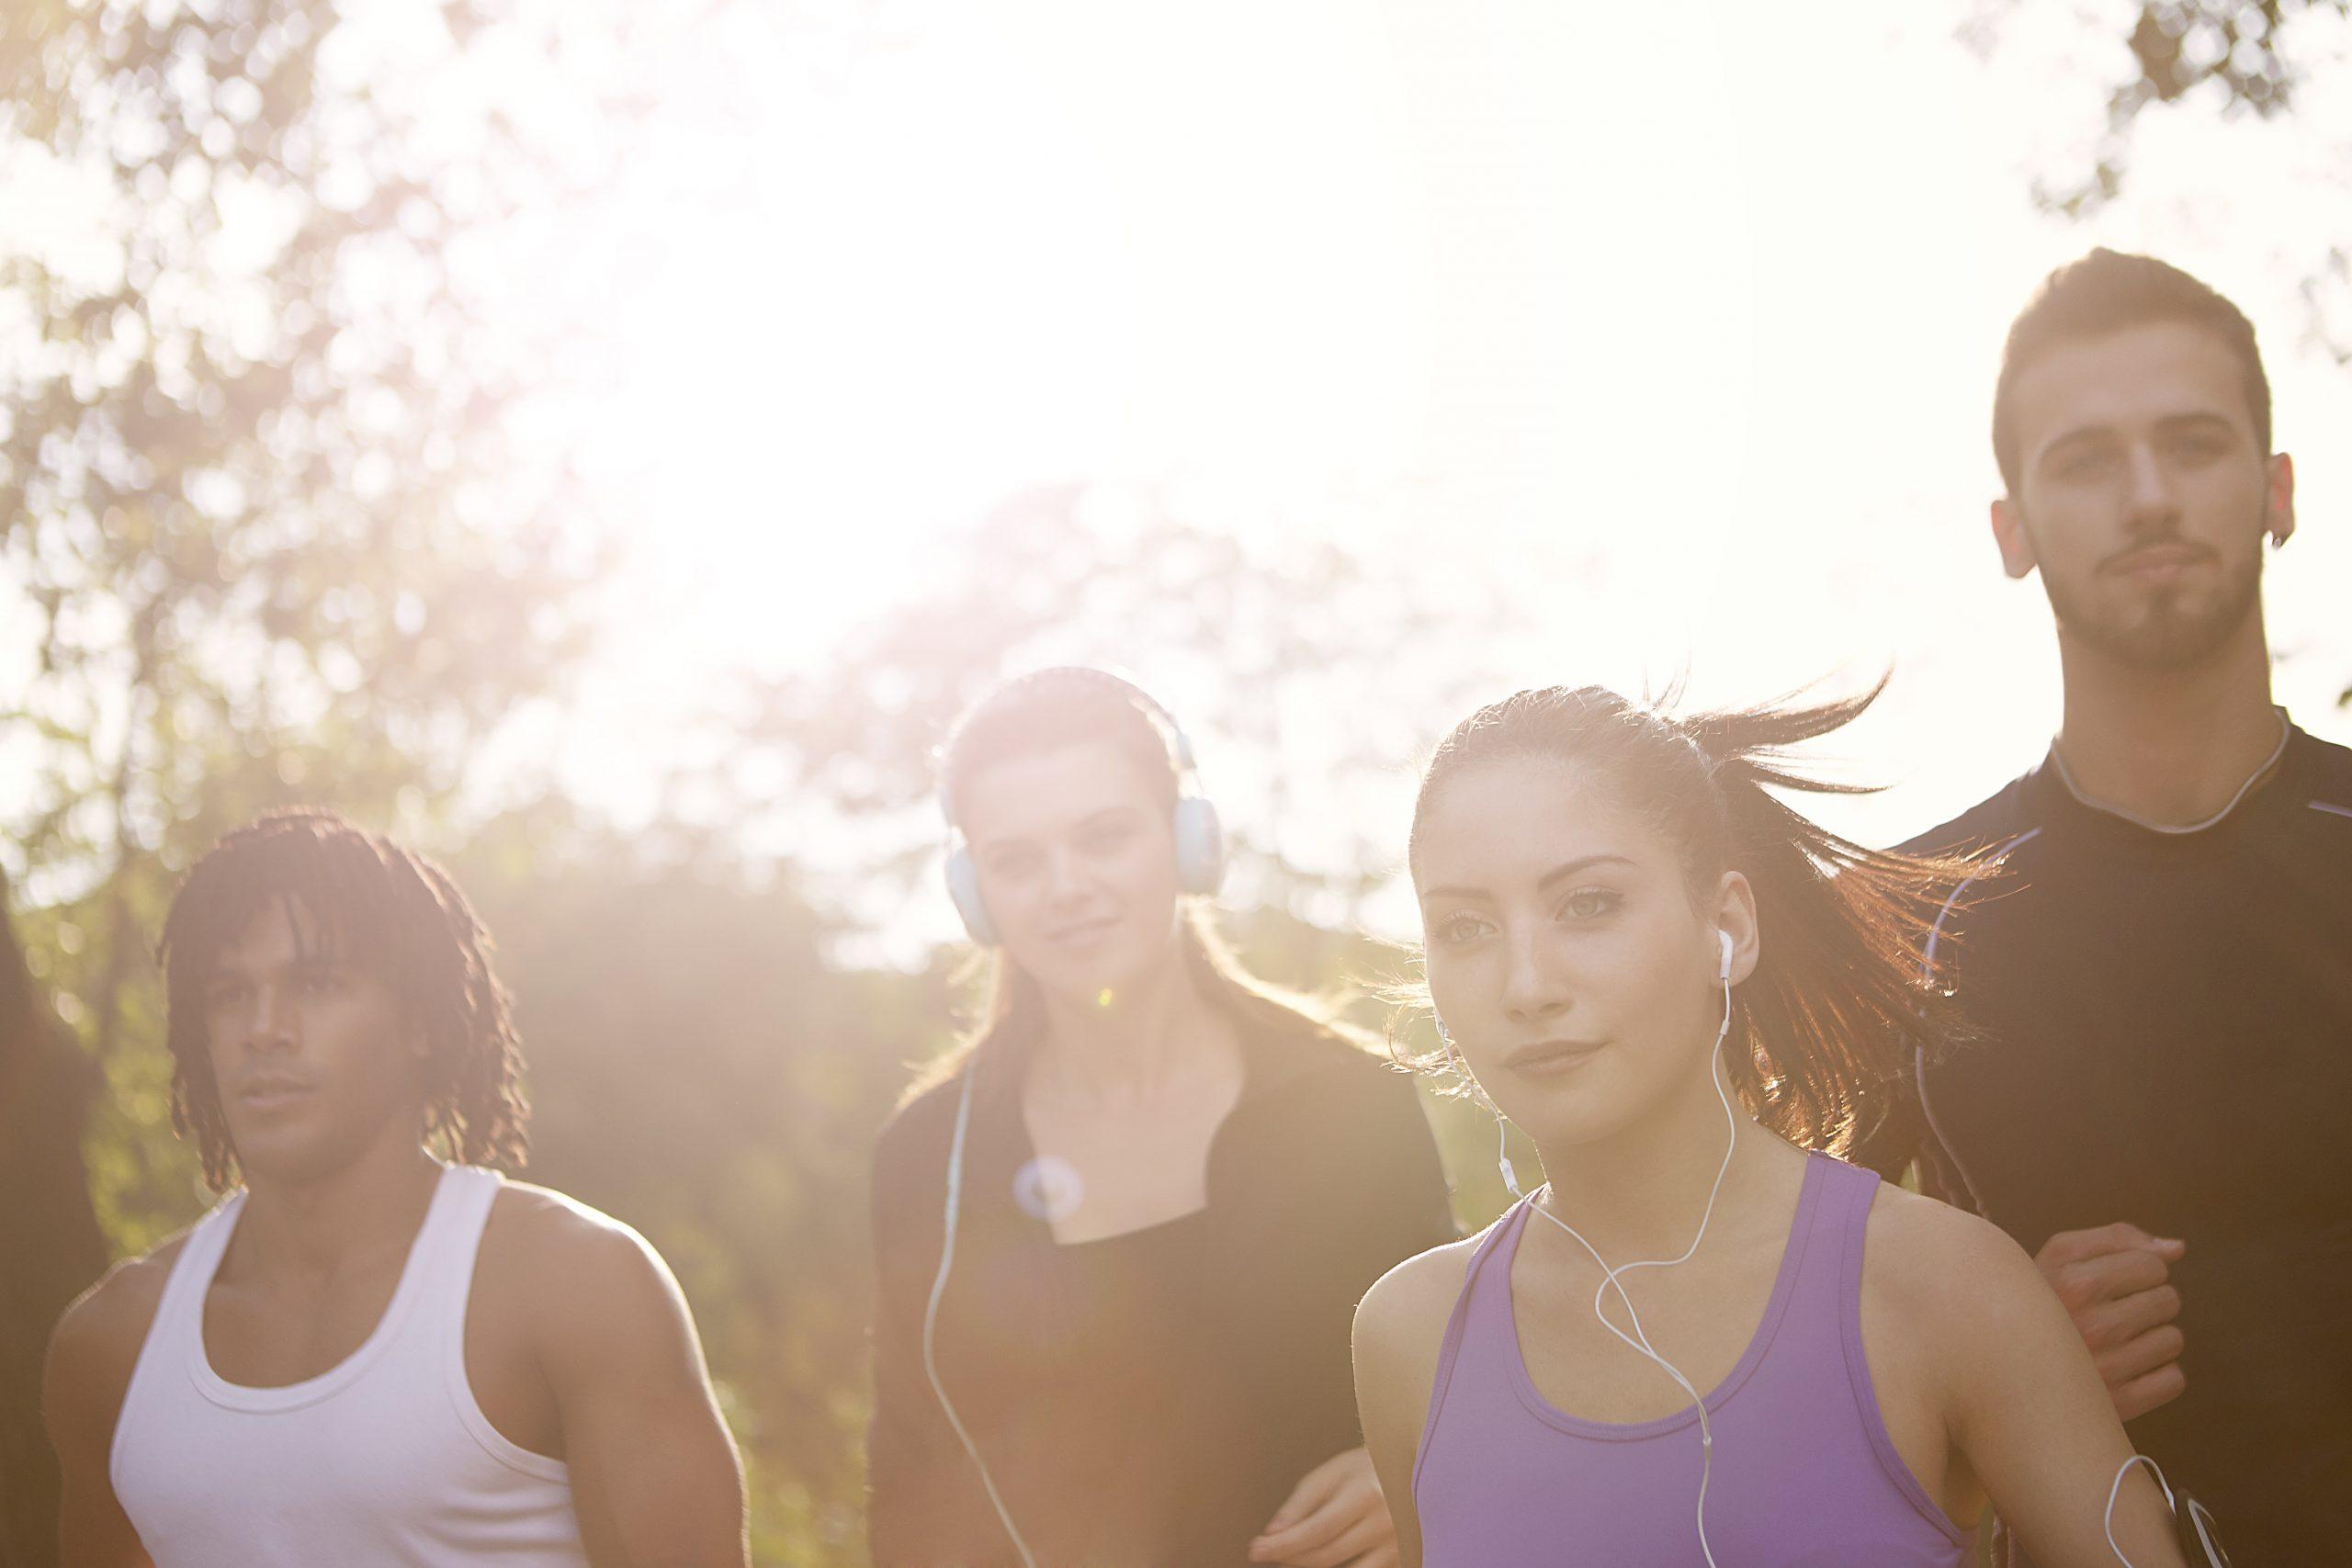 Imagem mostra um grupo de pessoas usando fones e correndo.